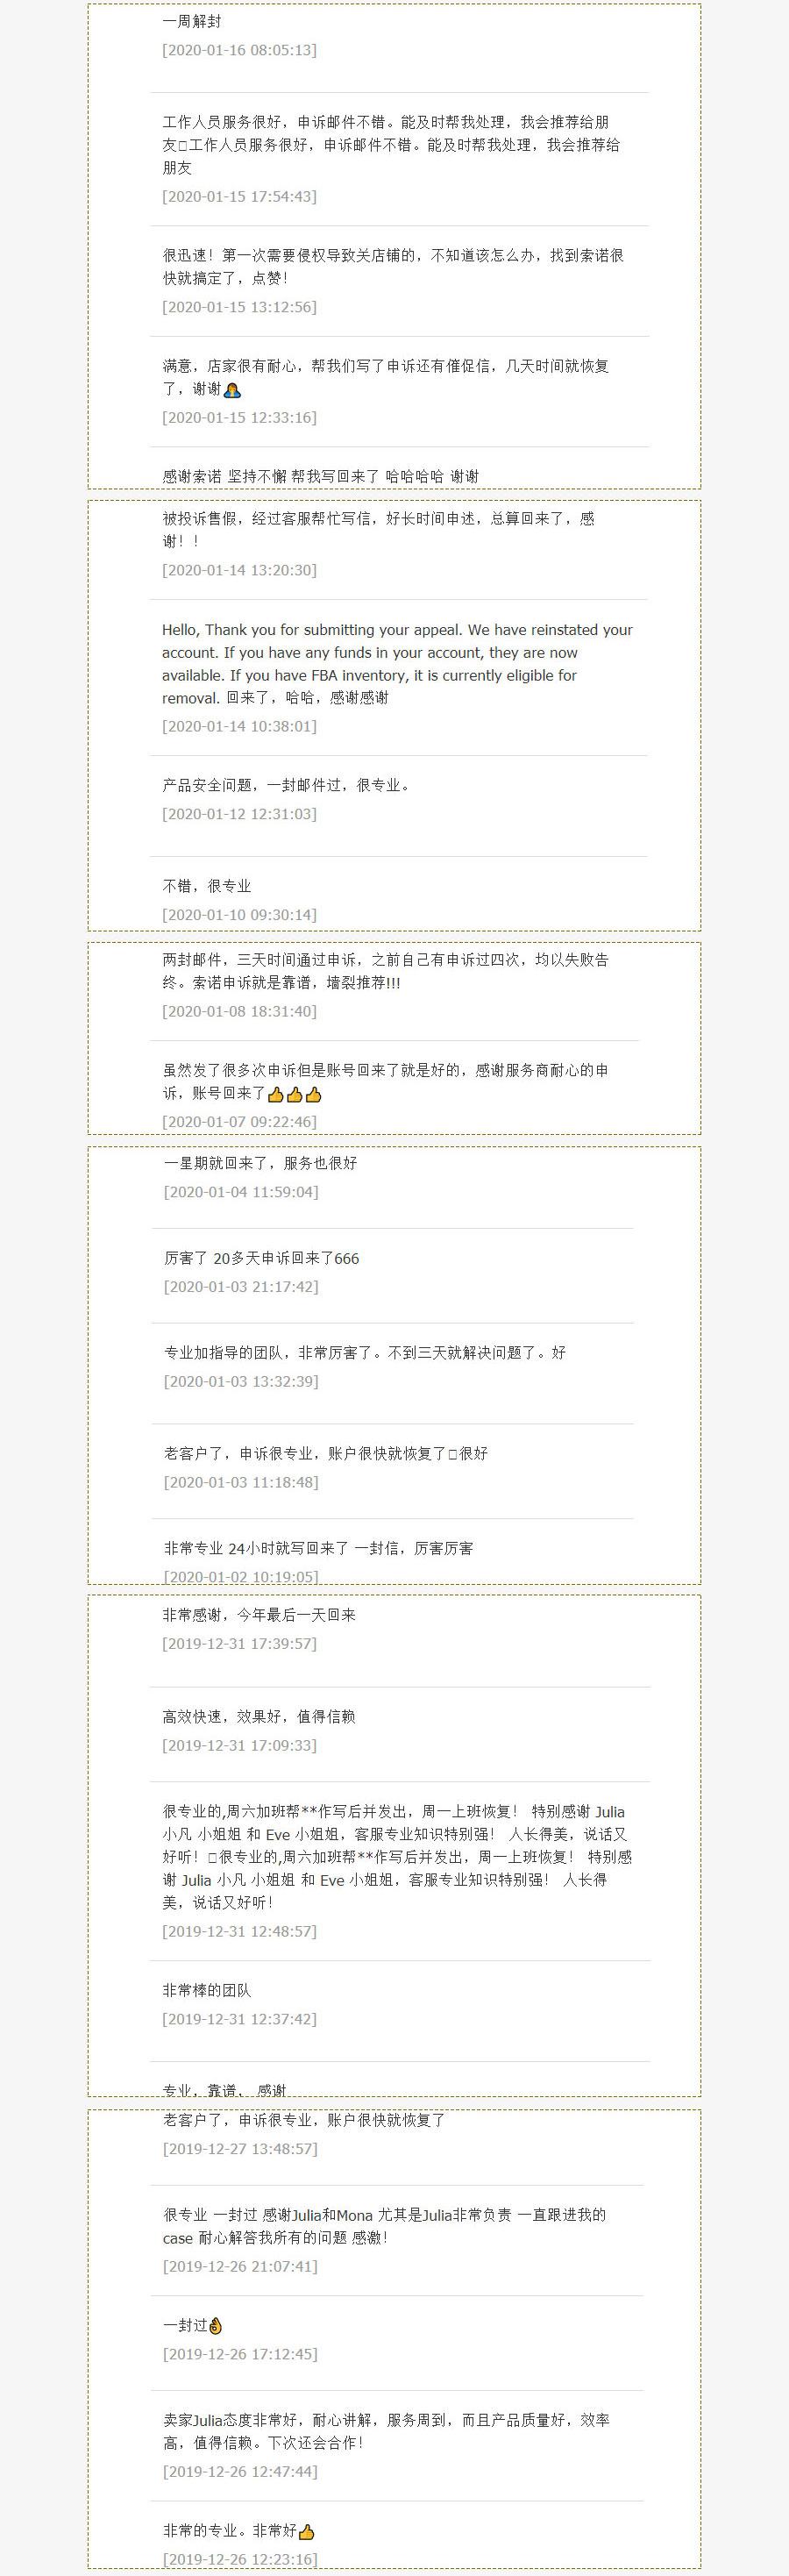 知无不言--成功案例_05(1).jpg